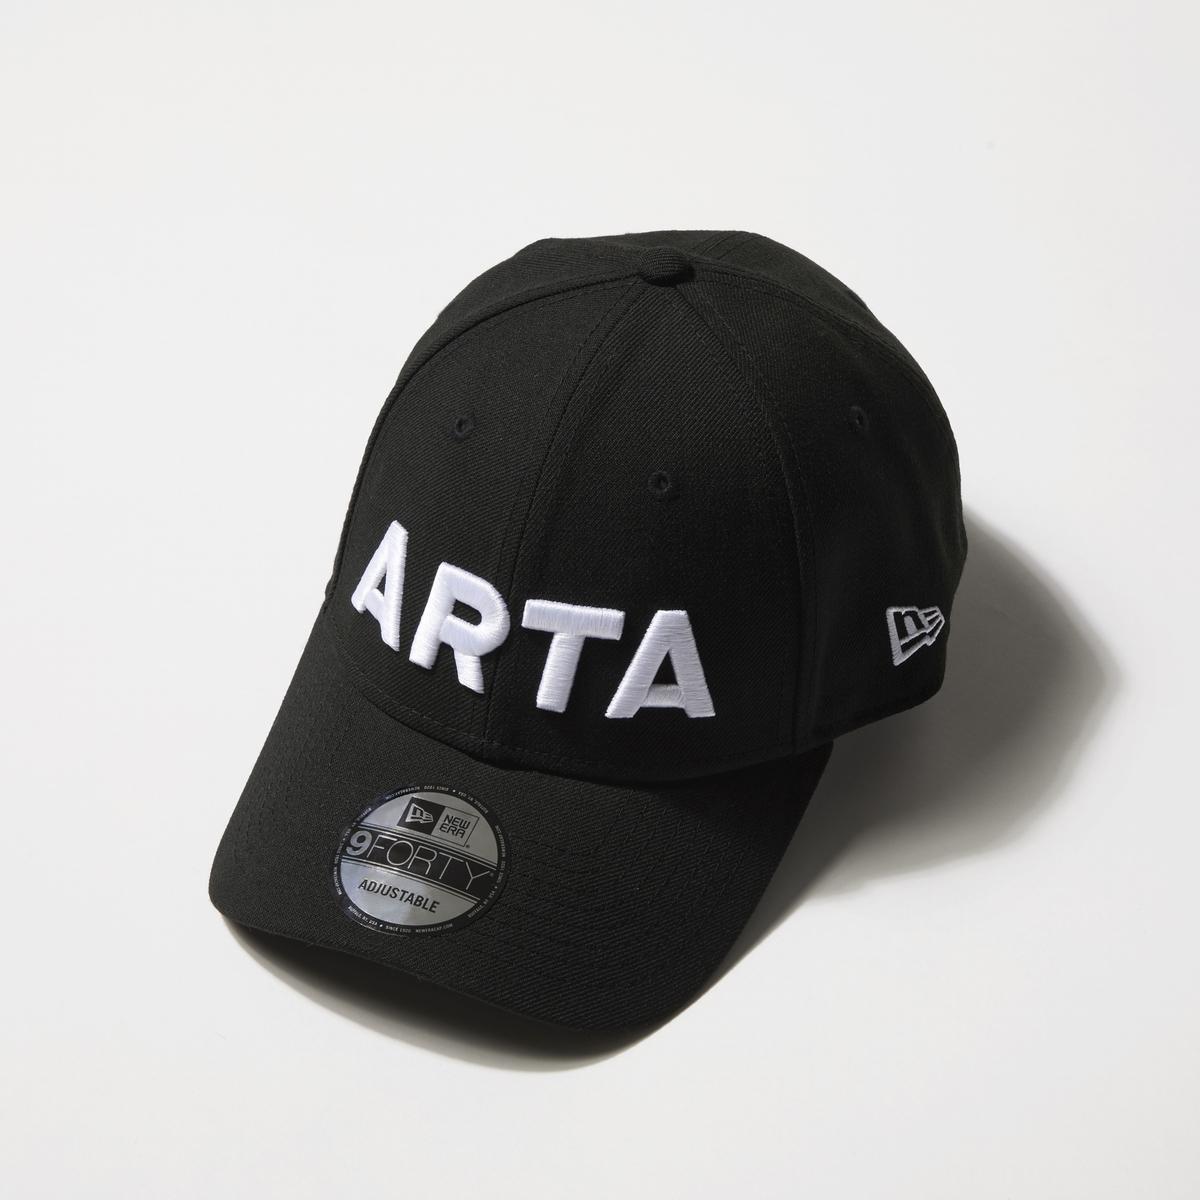 NEWERA 940 新ARTA ブラック×ホワイト